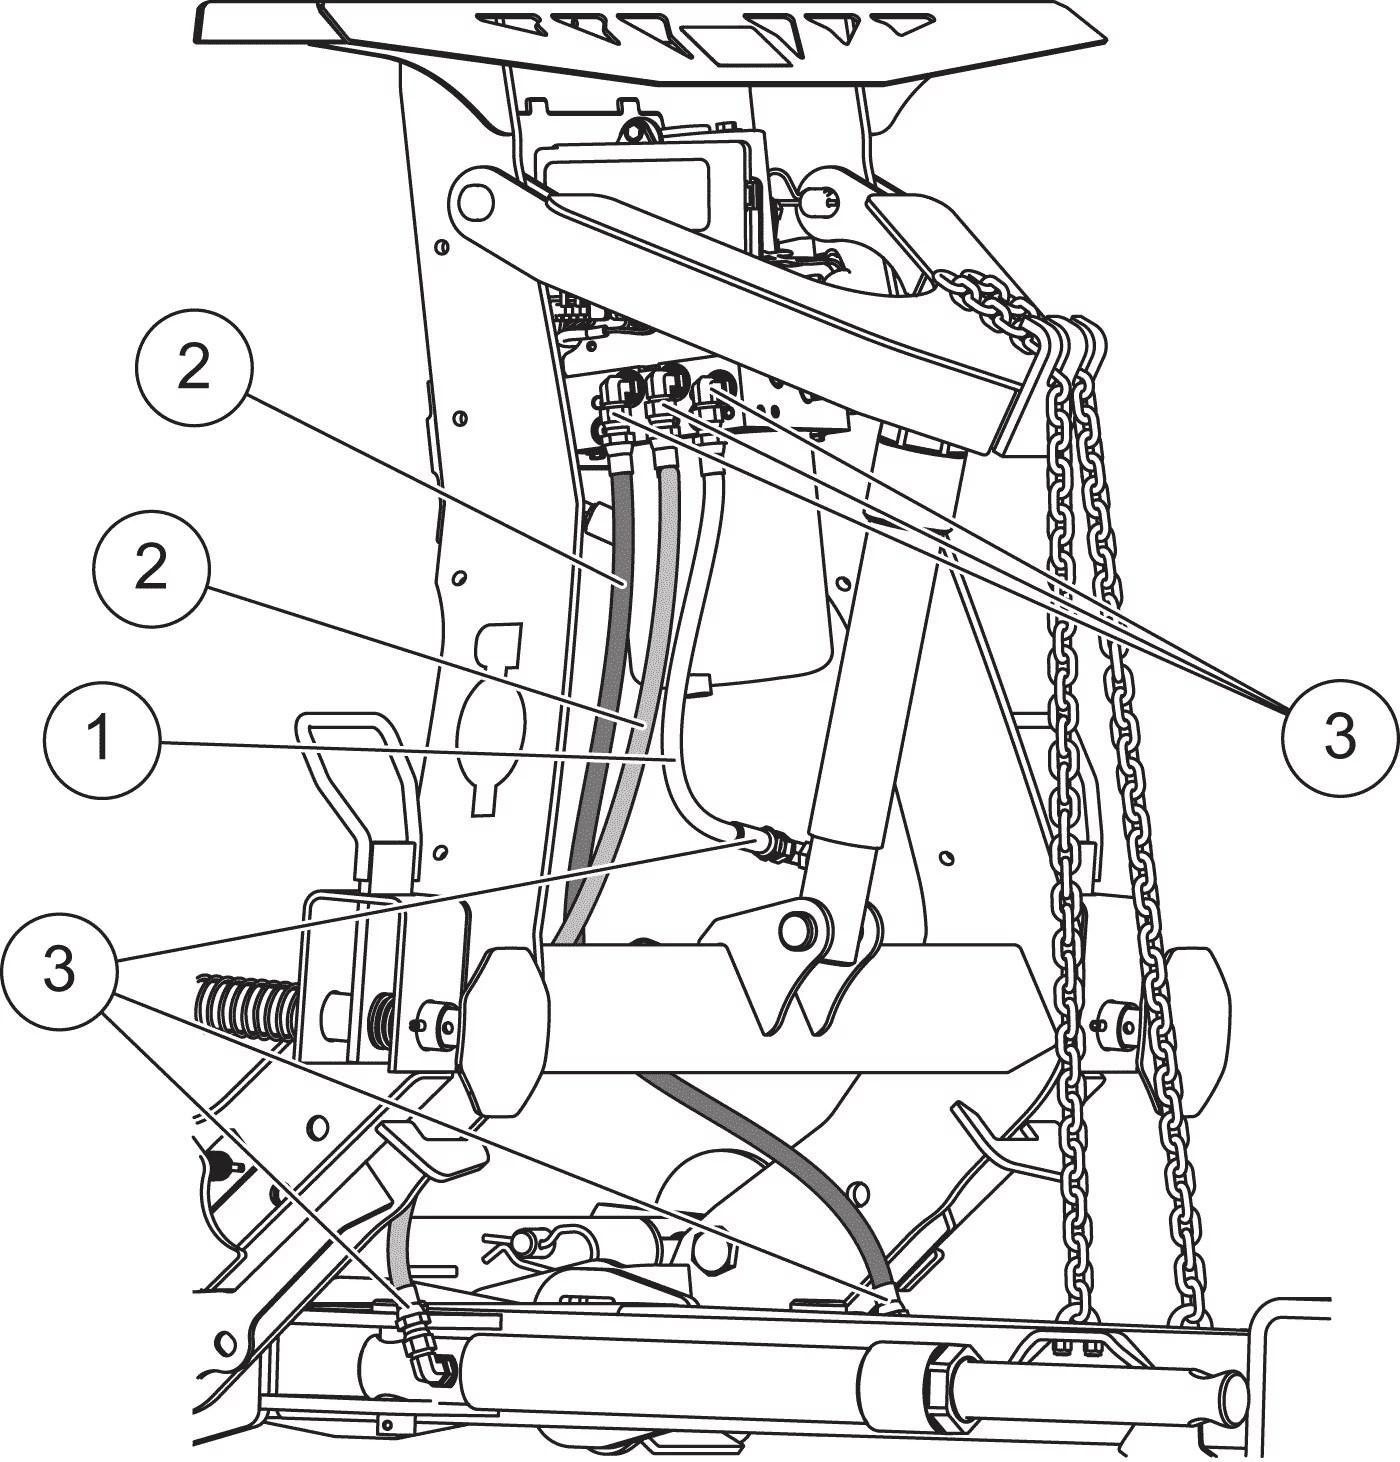 Diagram Of Western Plow